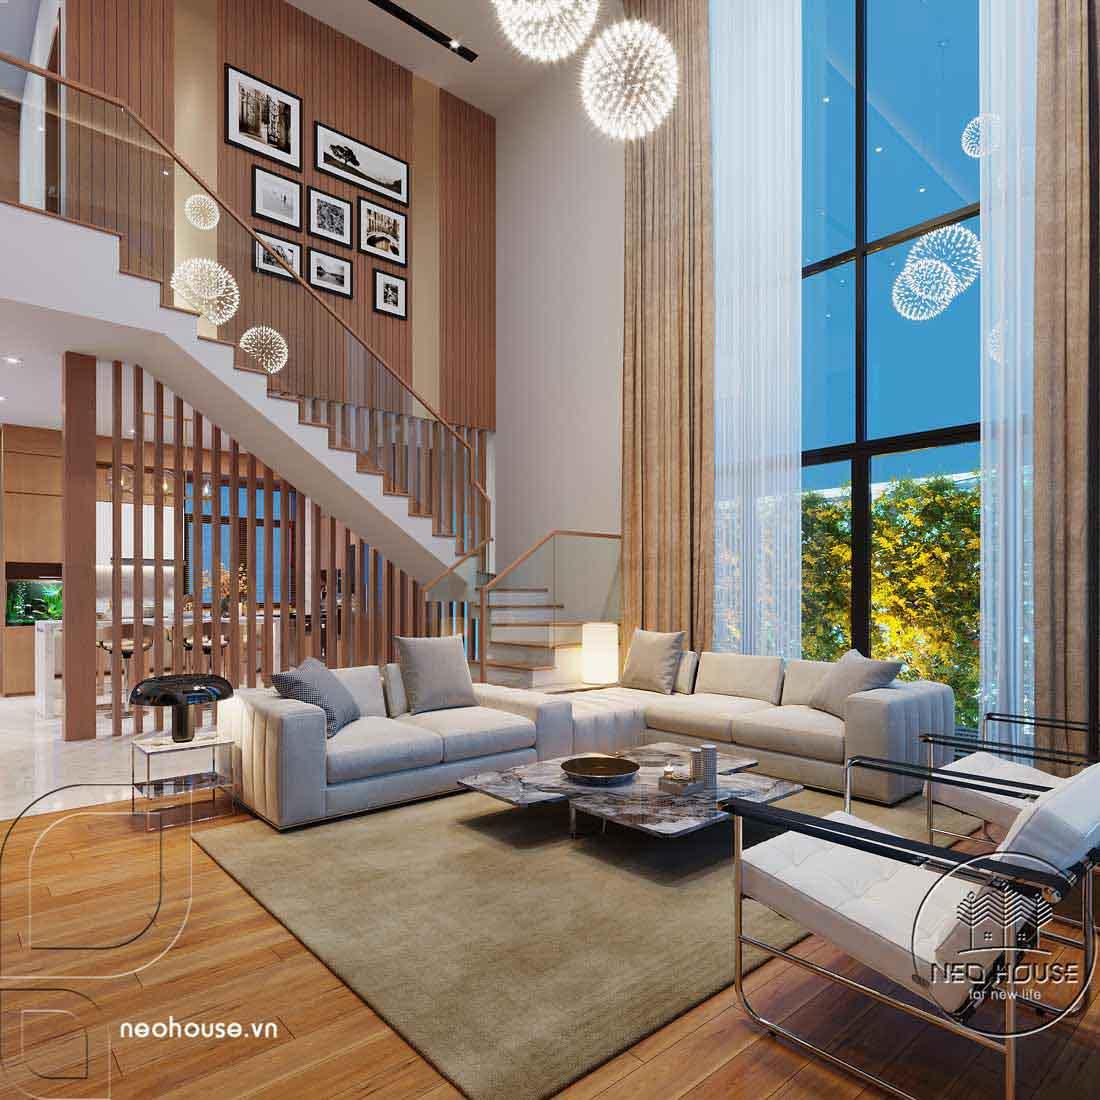 Thiết kế nội thất biệt thự cao cấp 2 tầng. Ảnh 2